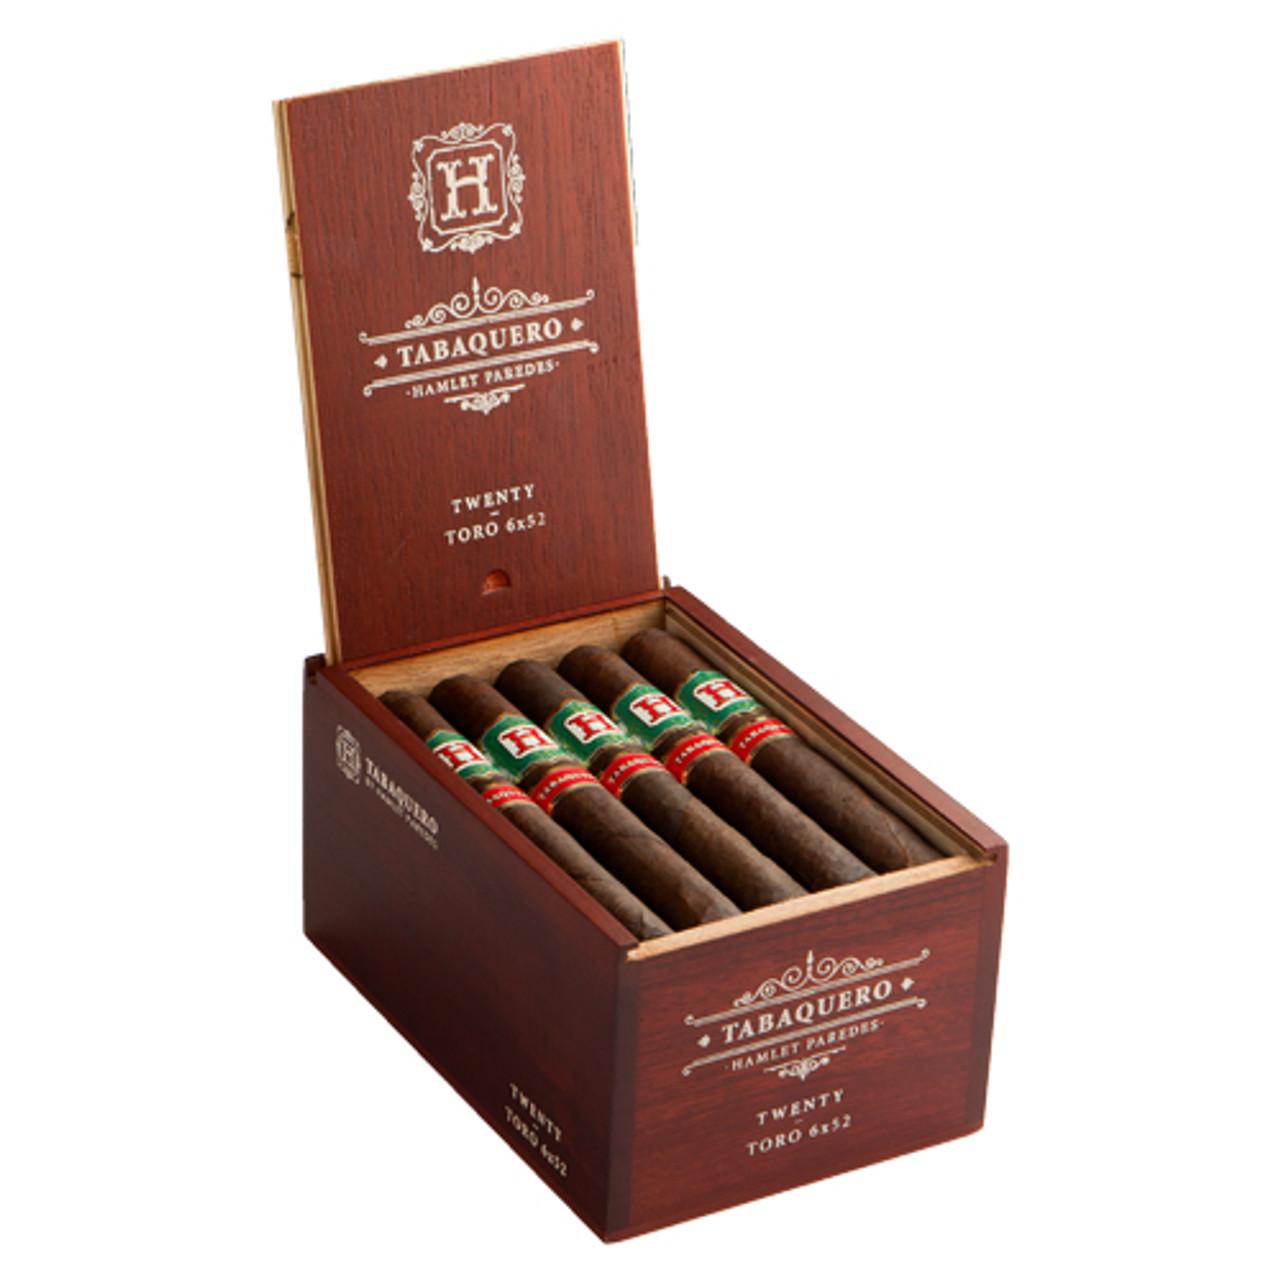 Tabaquero by Hamlet Paredes Robusto Grande Cigars - 5 x 54 (Box of 20)